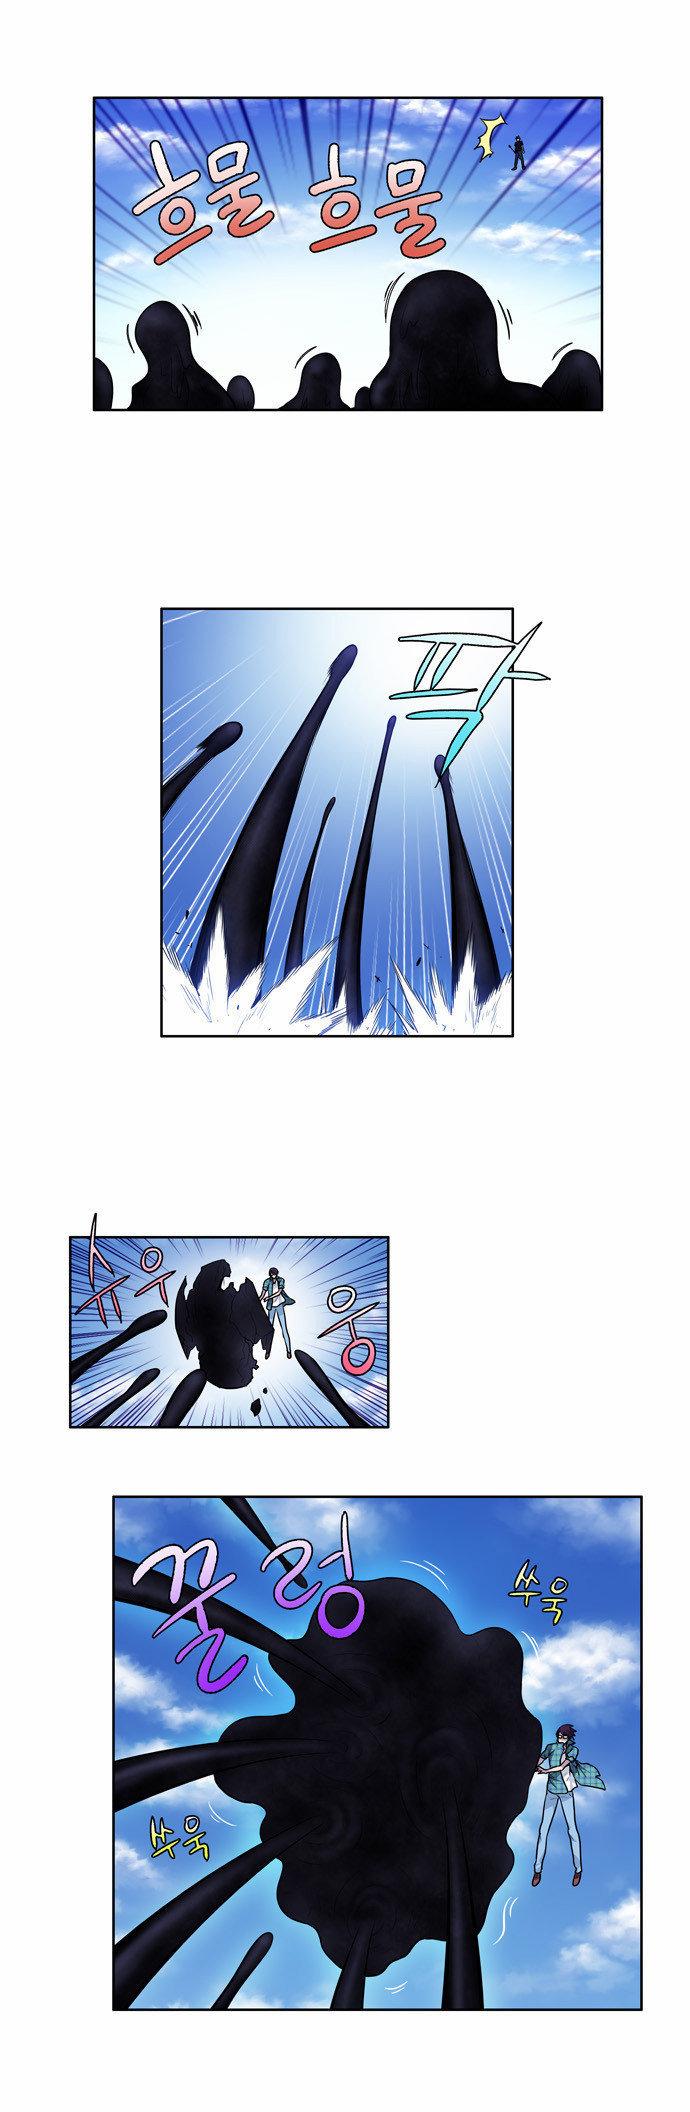 http://c5.ninemanga.com/es_manga/61/1725/442376/ee1bebe373af187adbae76ca3507f27f.jpg Page 3